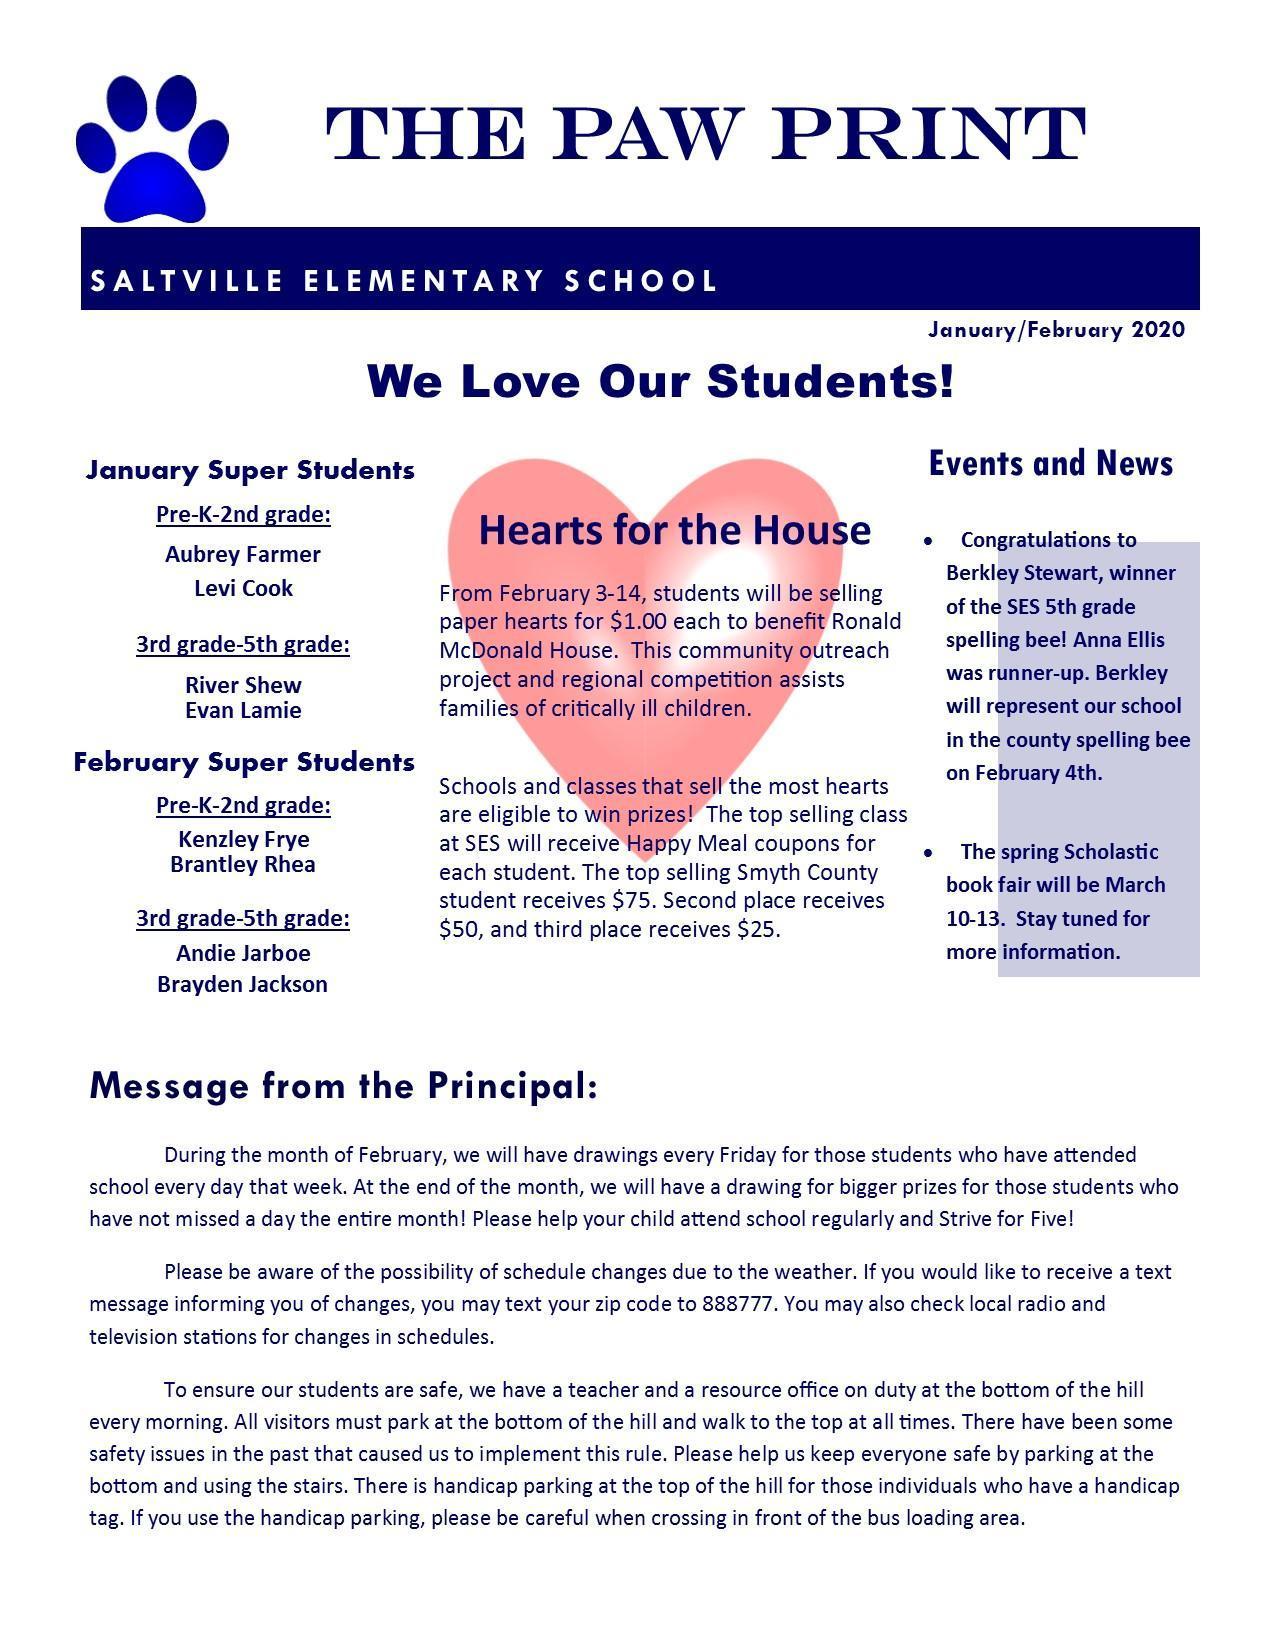 Saltville Elementary February 2020 News Letter